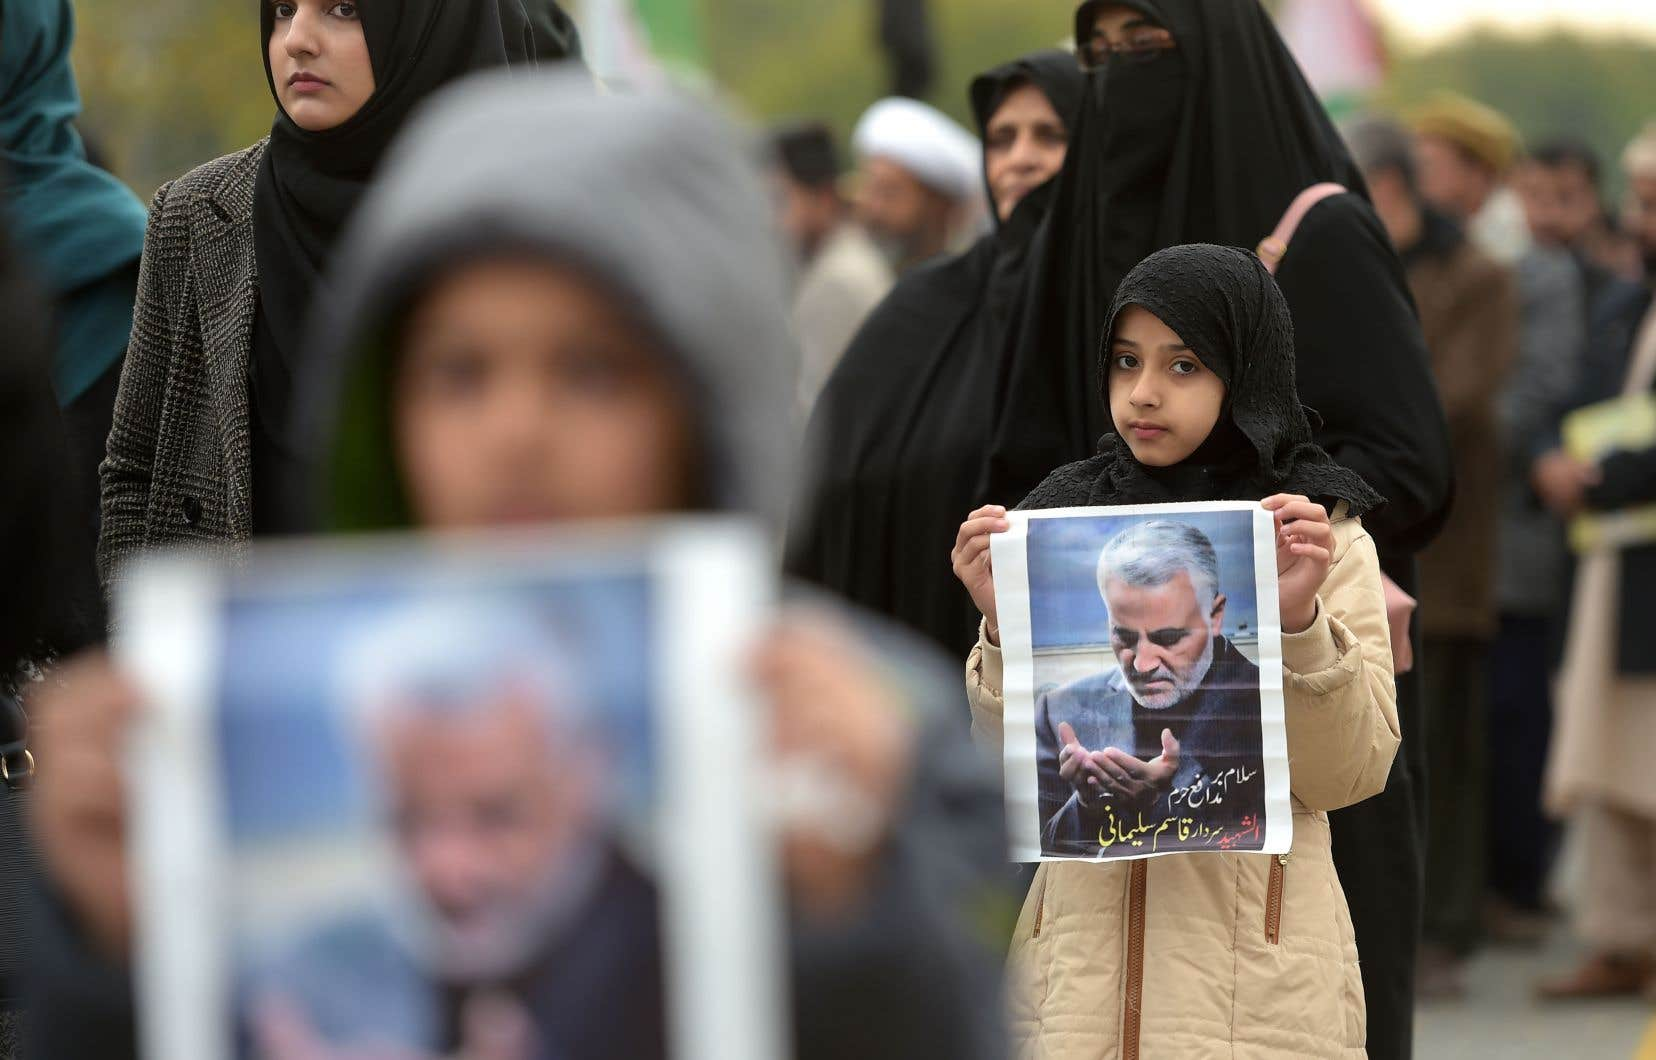 Les prix du baril de pétrole ont pris jusqu'à 4% peu après l'annonce de la mort du puissant général iranien Qassem Soleimani (sur la photo) dans une attaque ordonnée par le président américain Donald Trump en Irak vendredi.